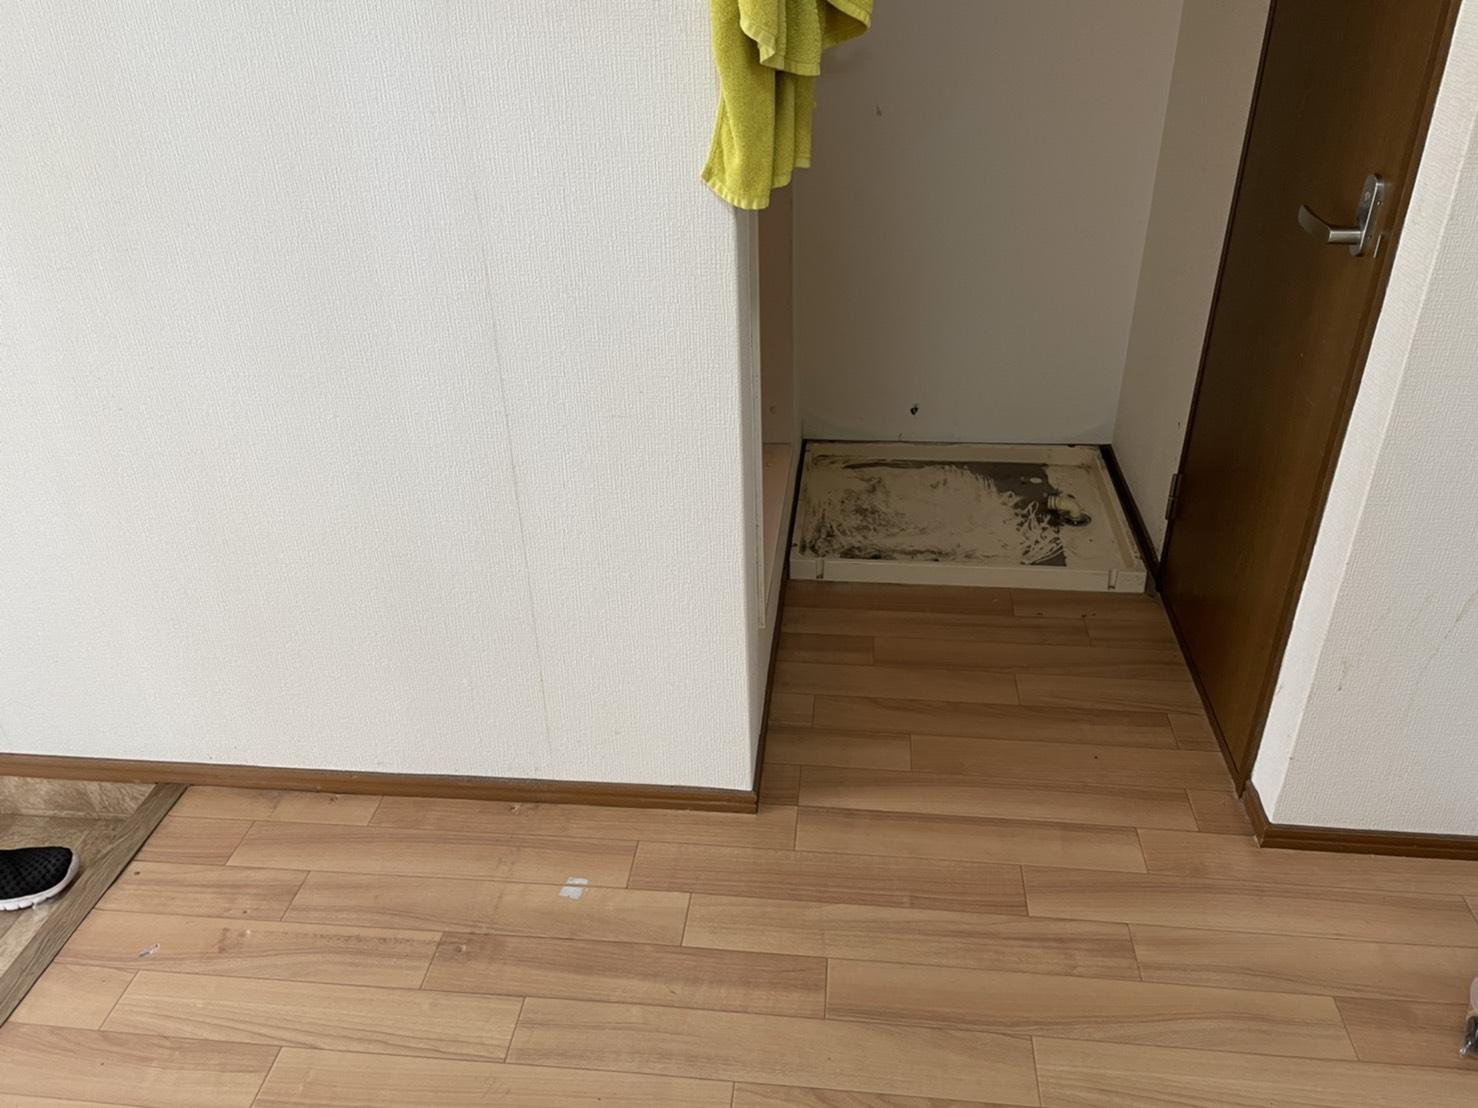 冷蔵庫、洗濯機の回収後